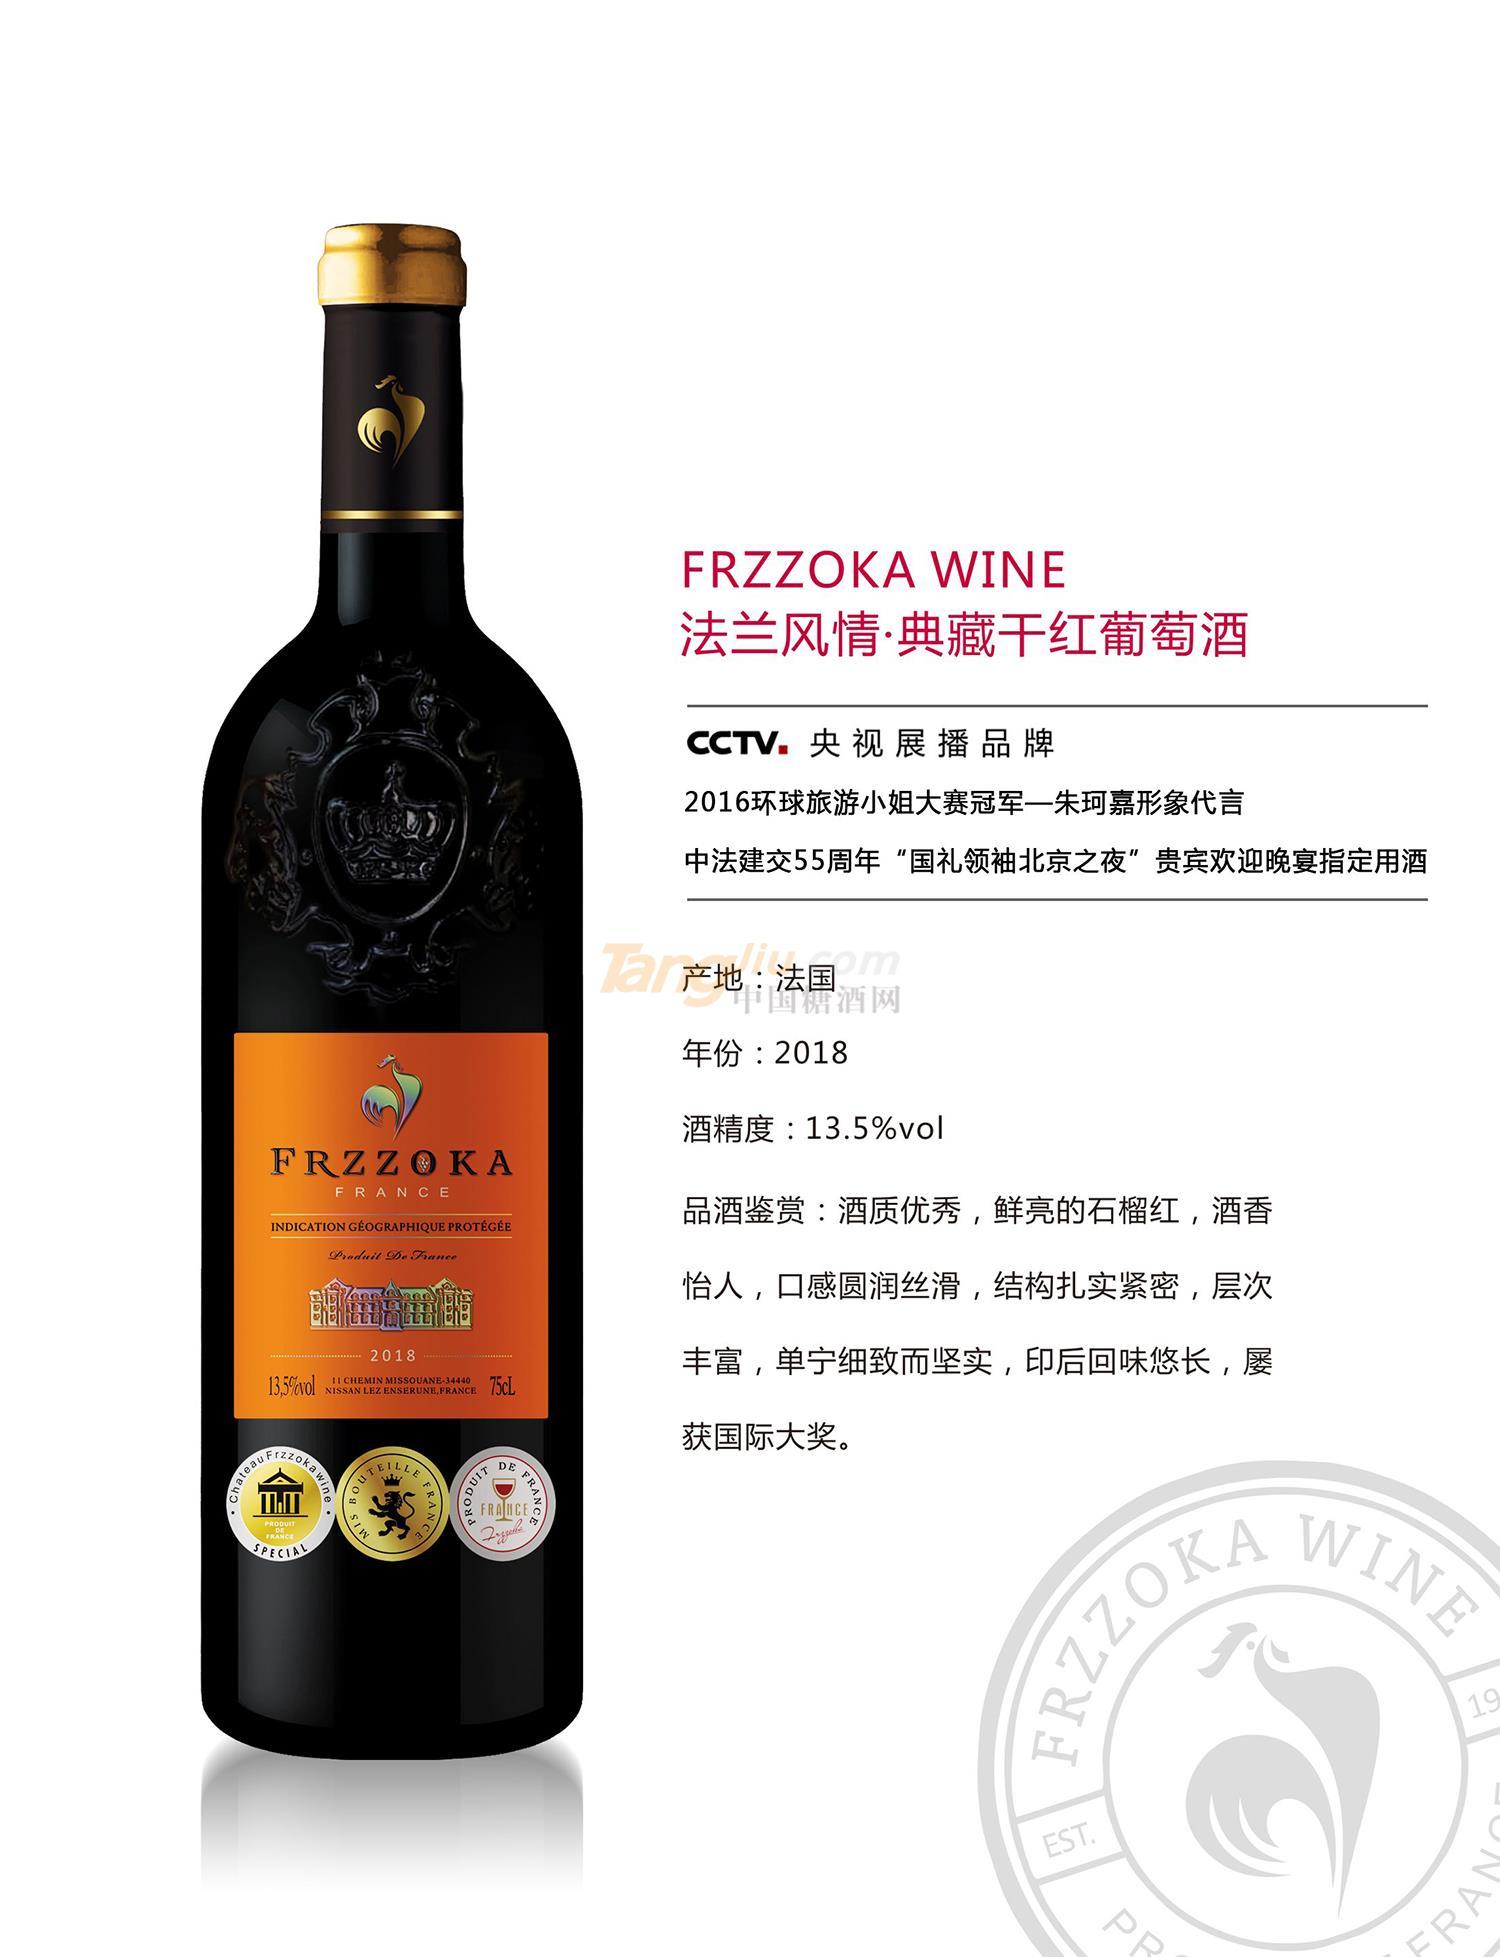 法兰风情·典藏干红葡萄酒.jpg